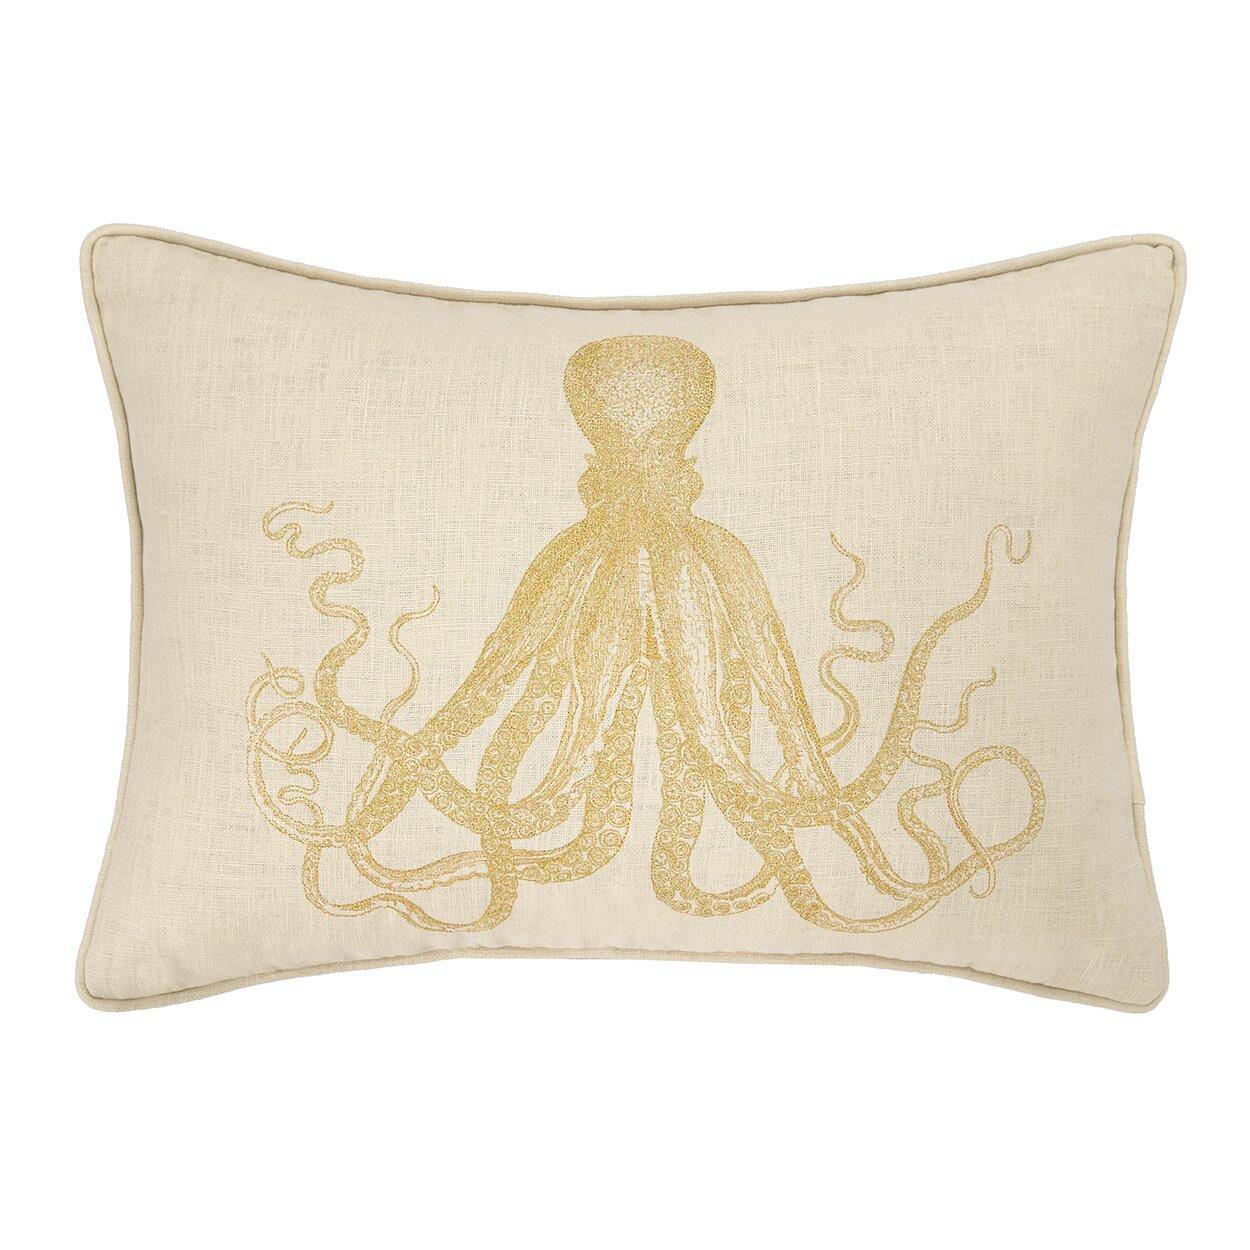 D.L. Rhein Octopus Embroidered Decorative Linen Lumbar Pillow & Reviews Wayfair